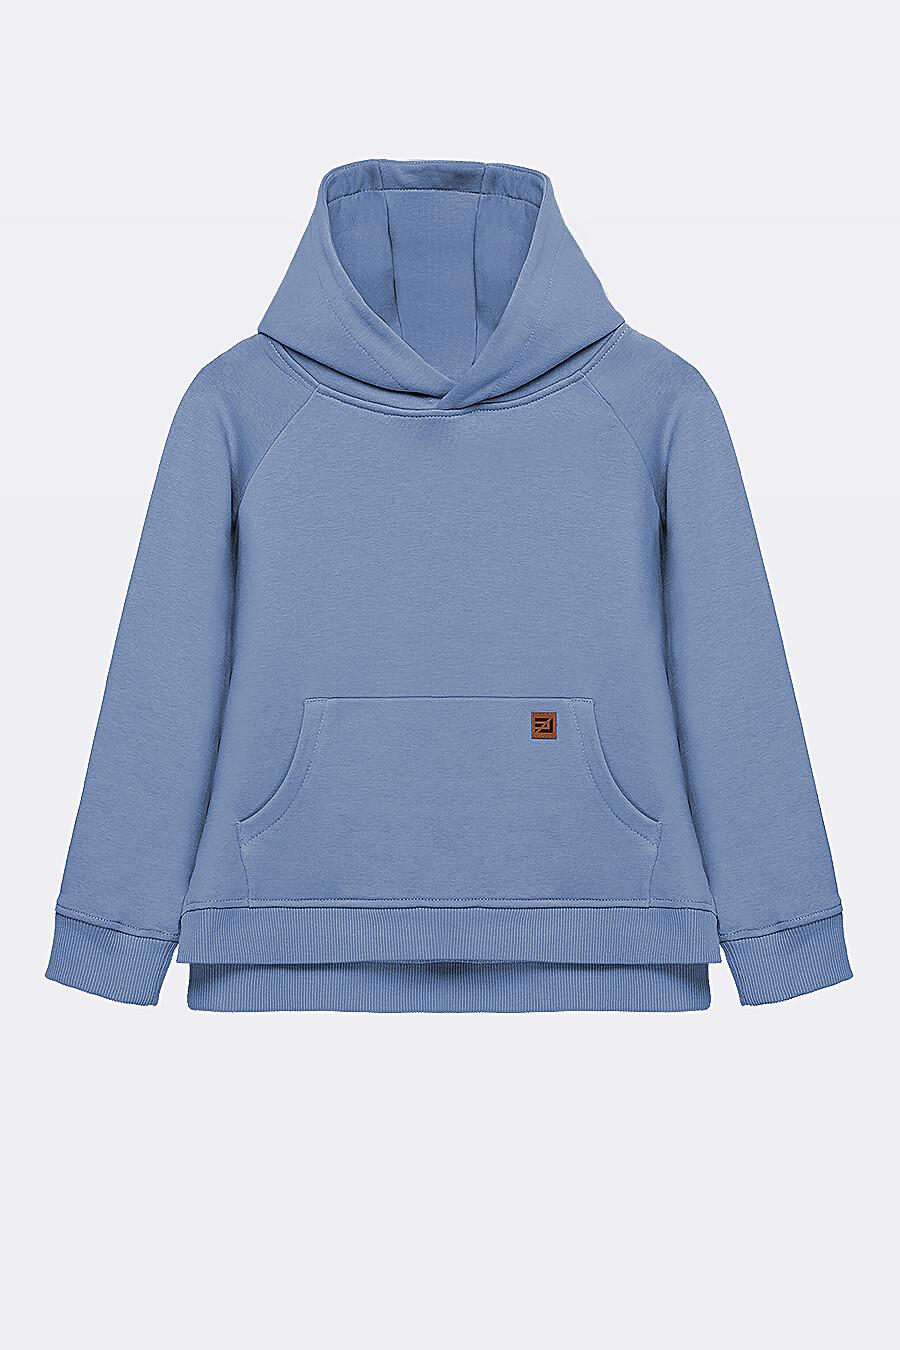 Костюм(Худи+Брюки) для мальчиков EZANNA 682557 купить оптом от производителя. Совместная покупка детской одежды в OptMoyo